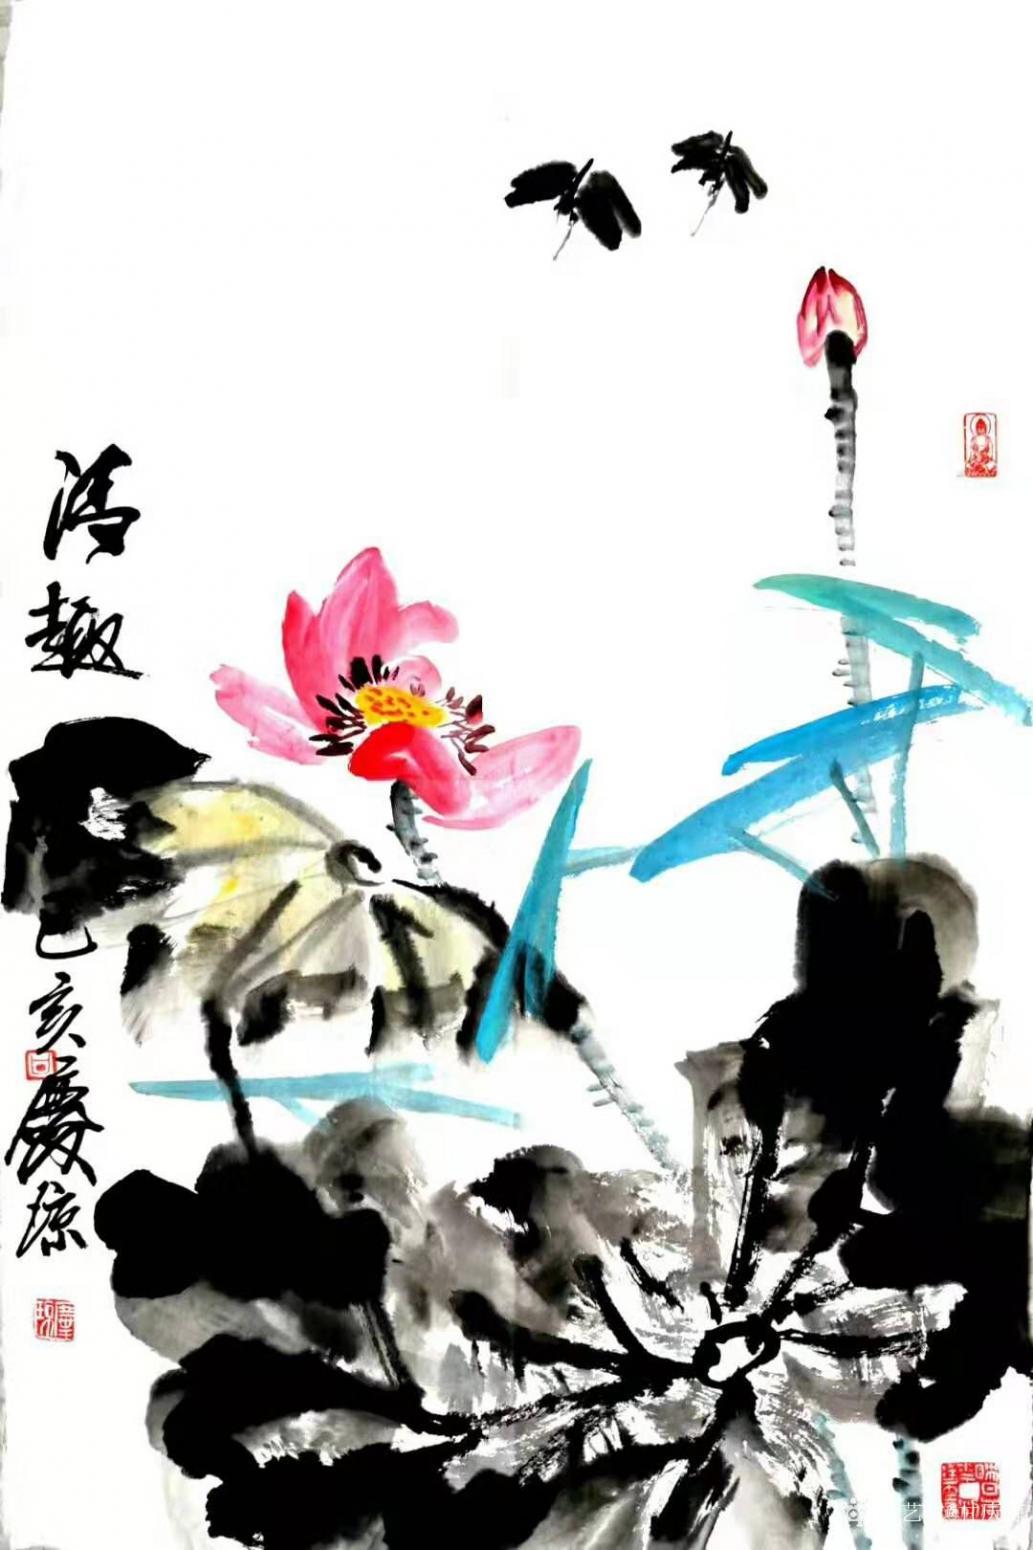 甘庆琼国画作品《写意荷花蜻蜓》【图0】